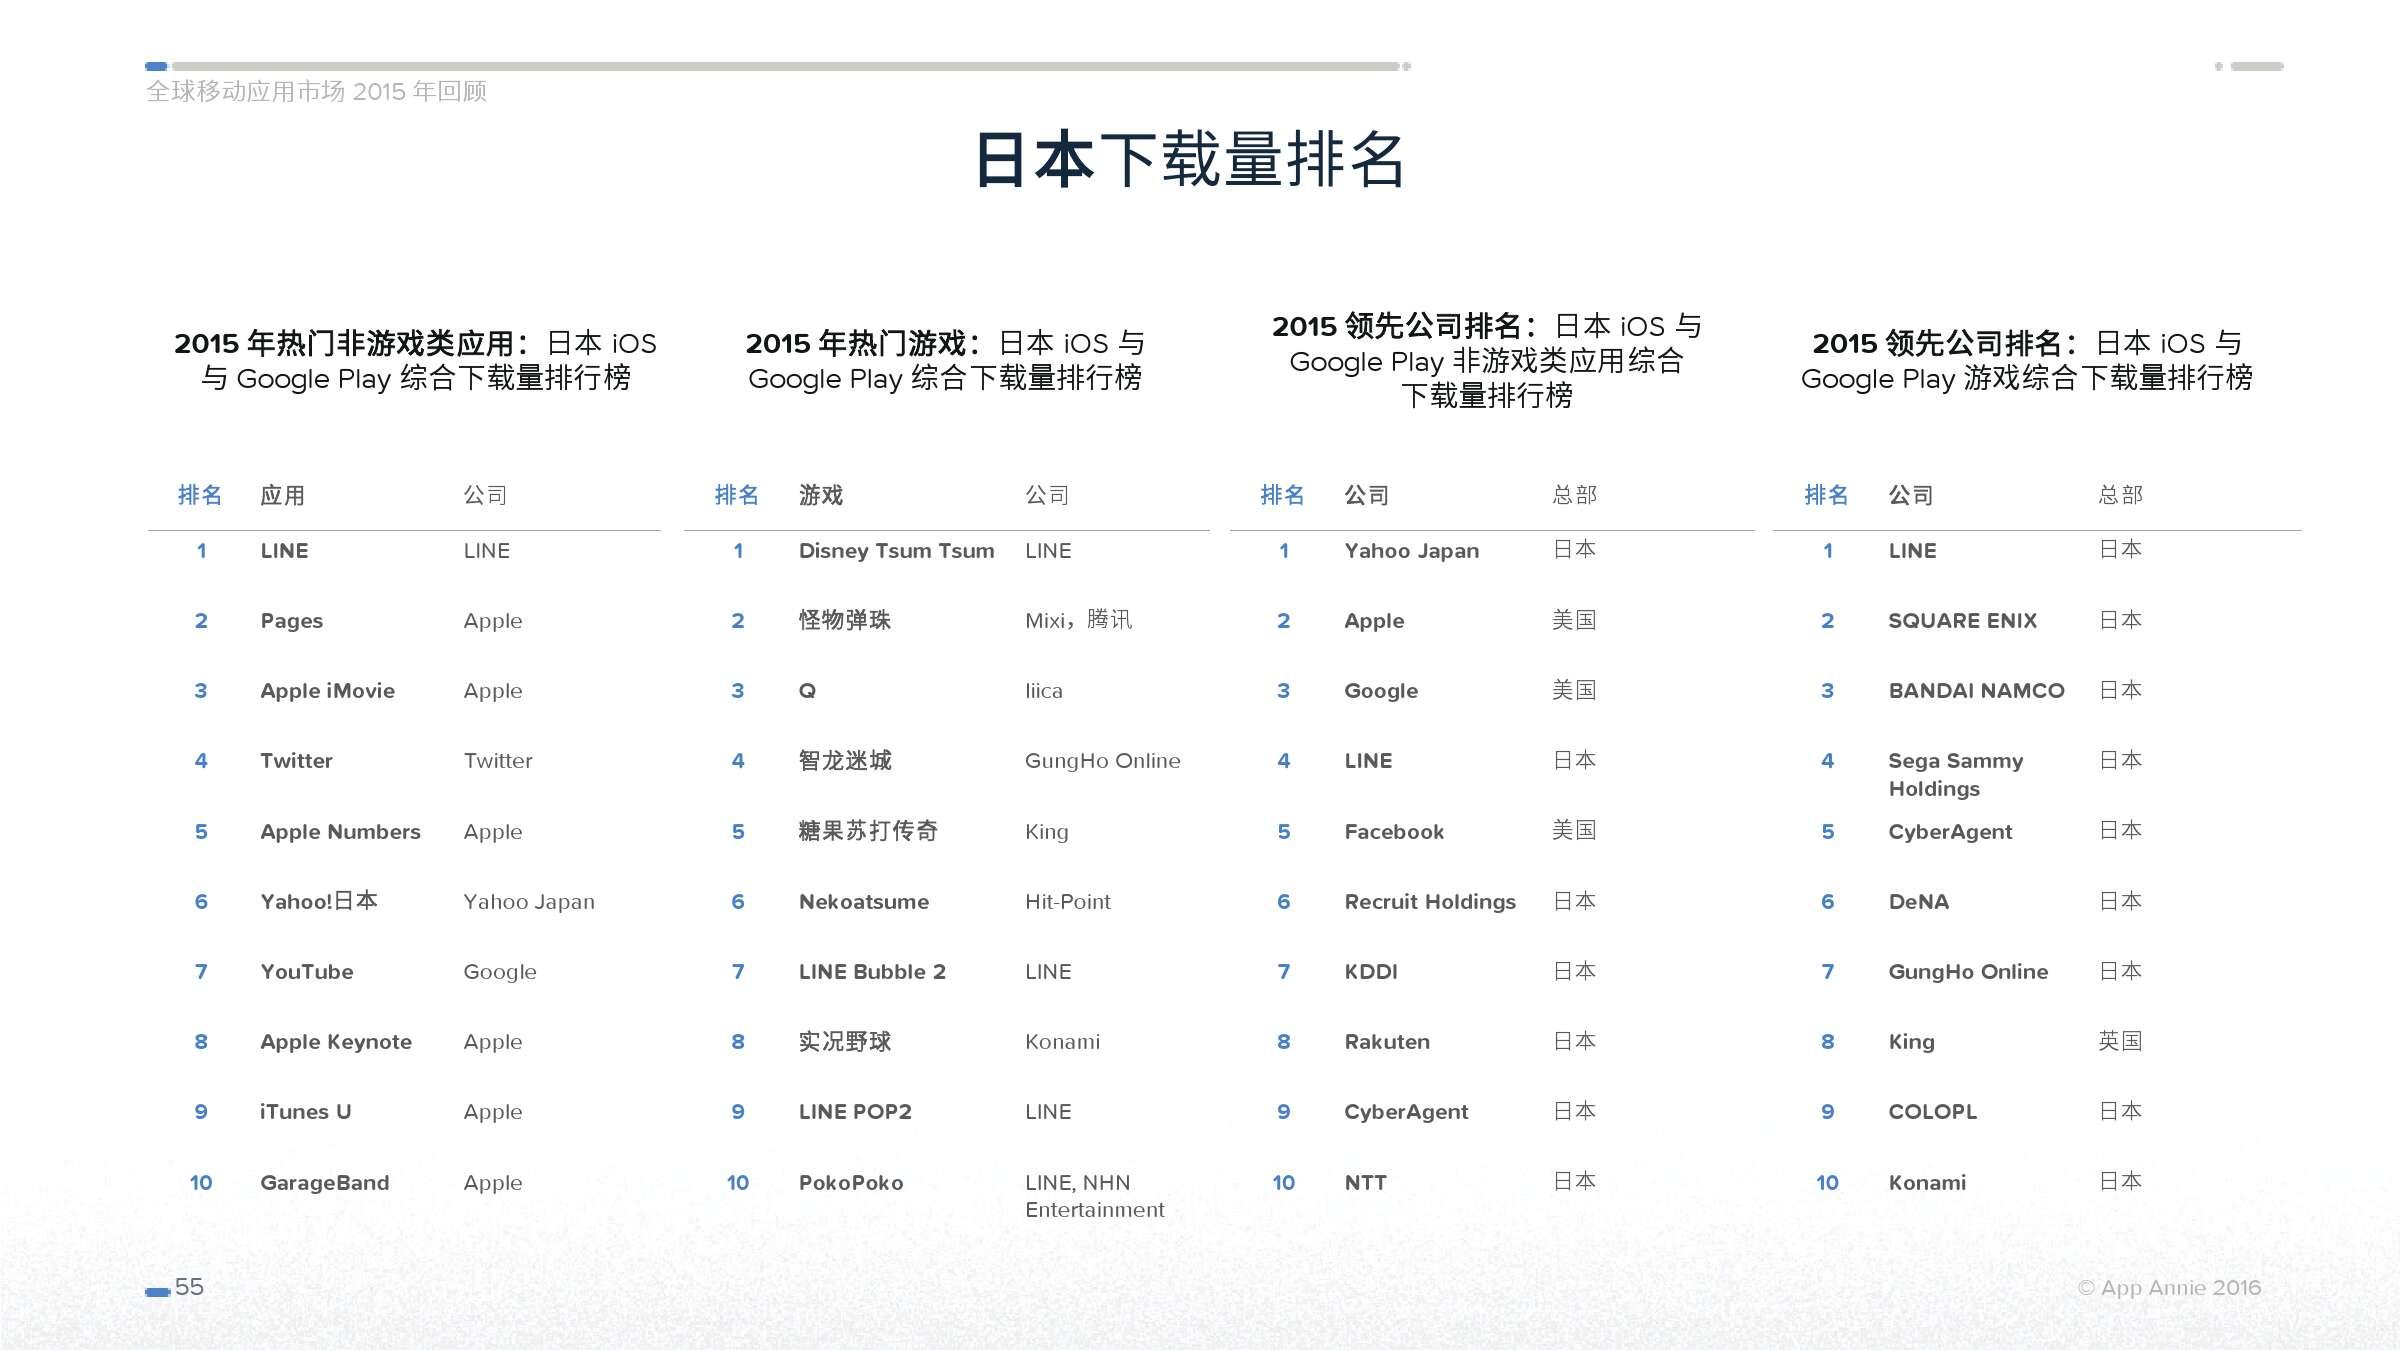 App Annie 全球移动应用市场 2015 年回顾_000055